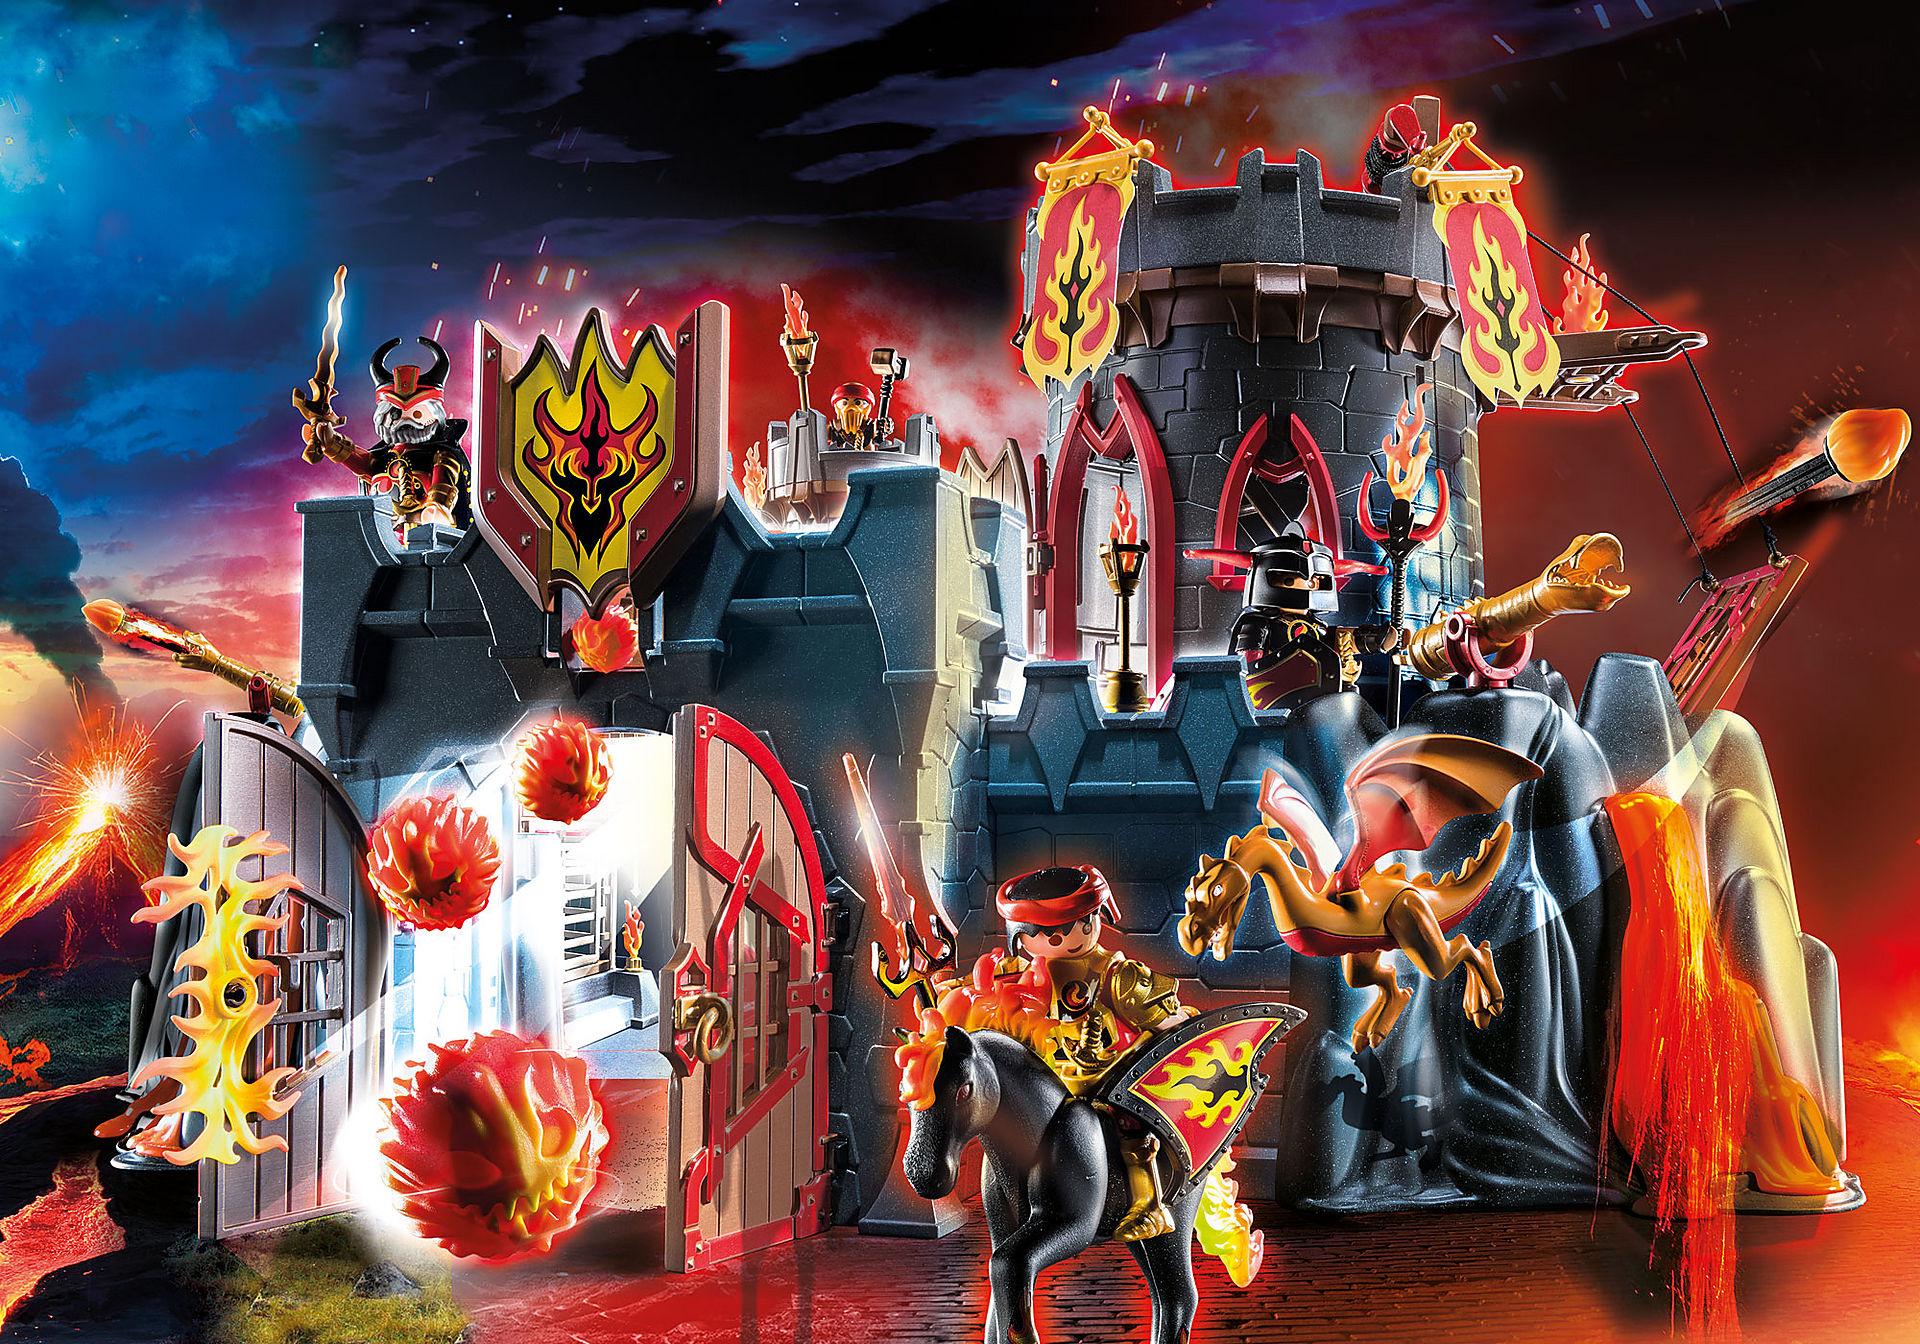 70221 Burnham Raiders Fortress zoom image1